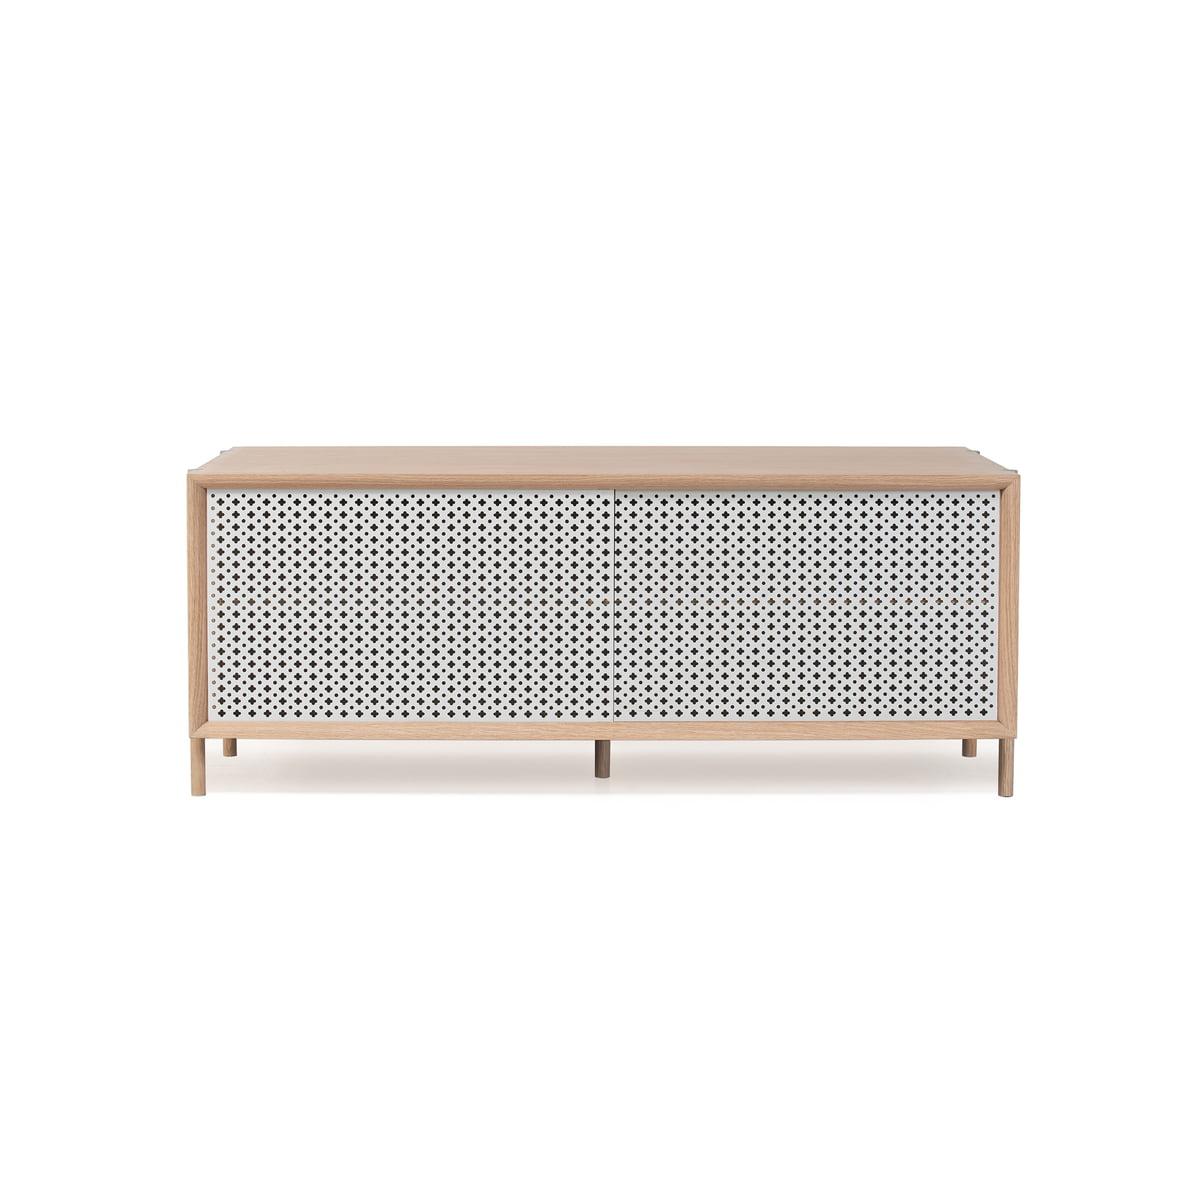 Harto gabin sideboard 122 cm lichtgrau beine eiche